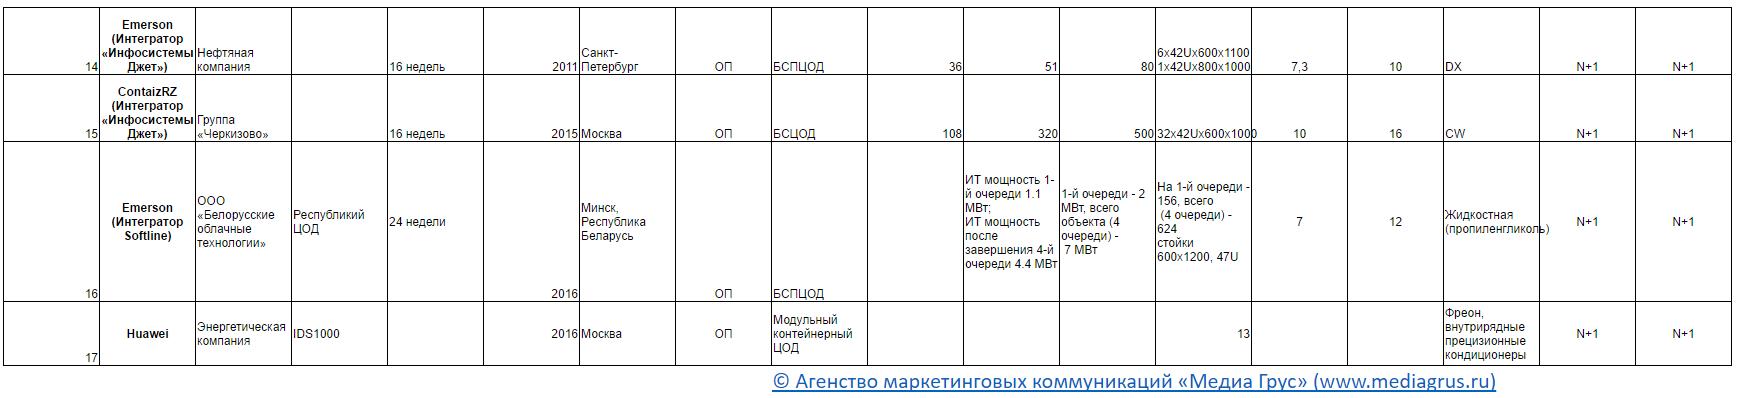 Список модульных ЦОД инсталлированных в России